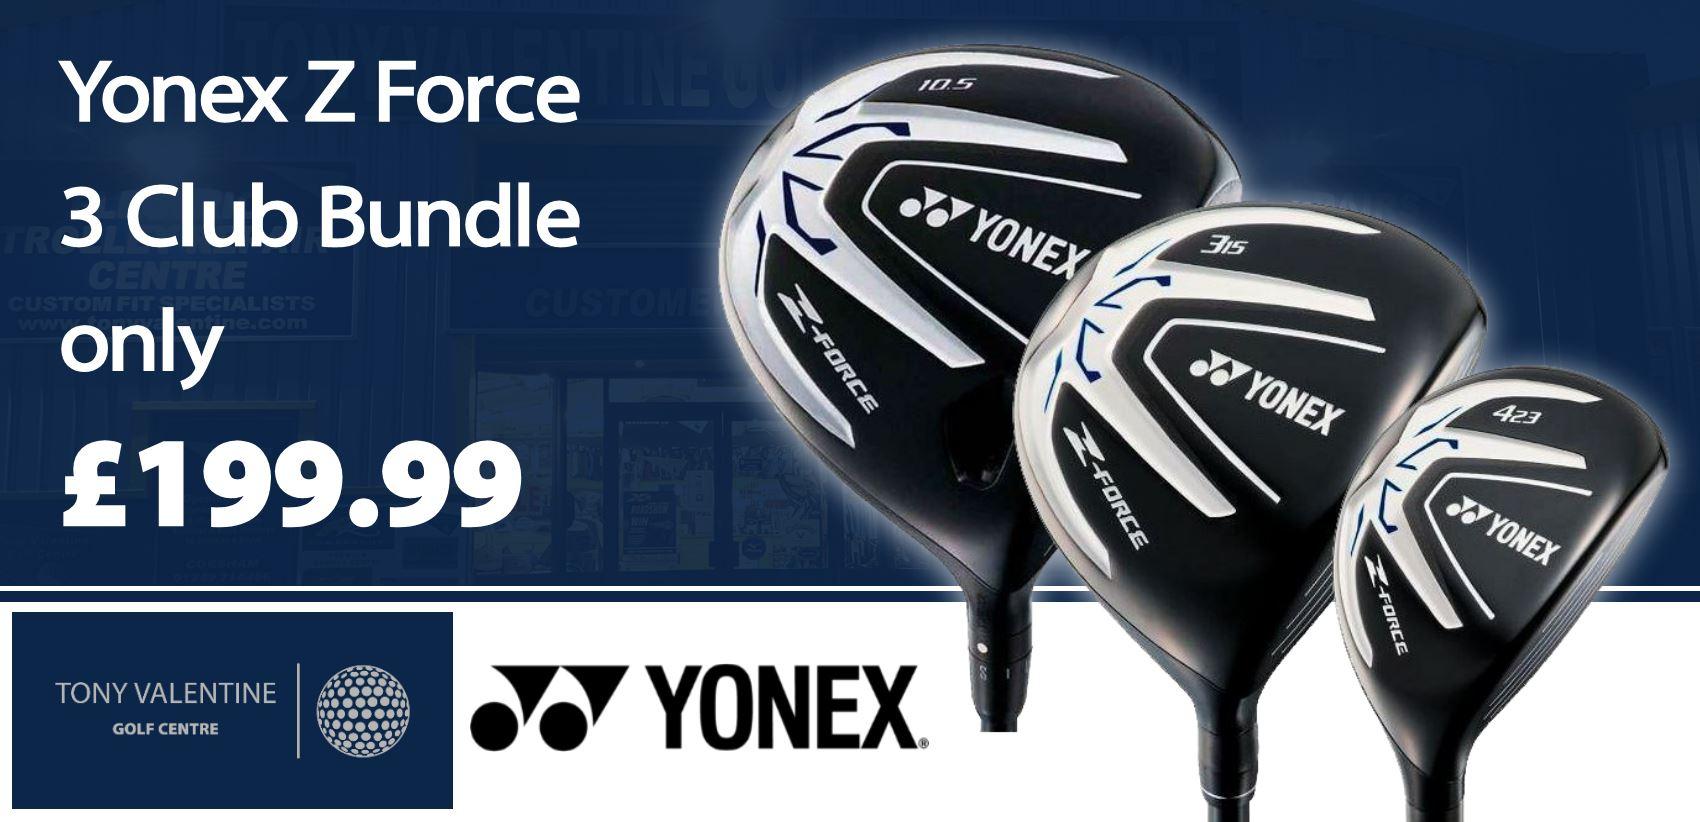 Yonex Z Force 3 Club Bundle